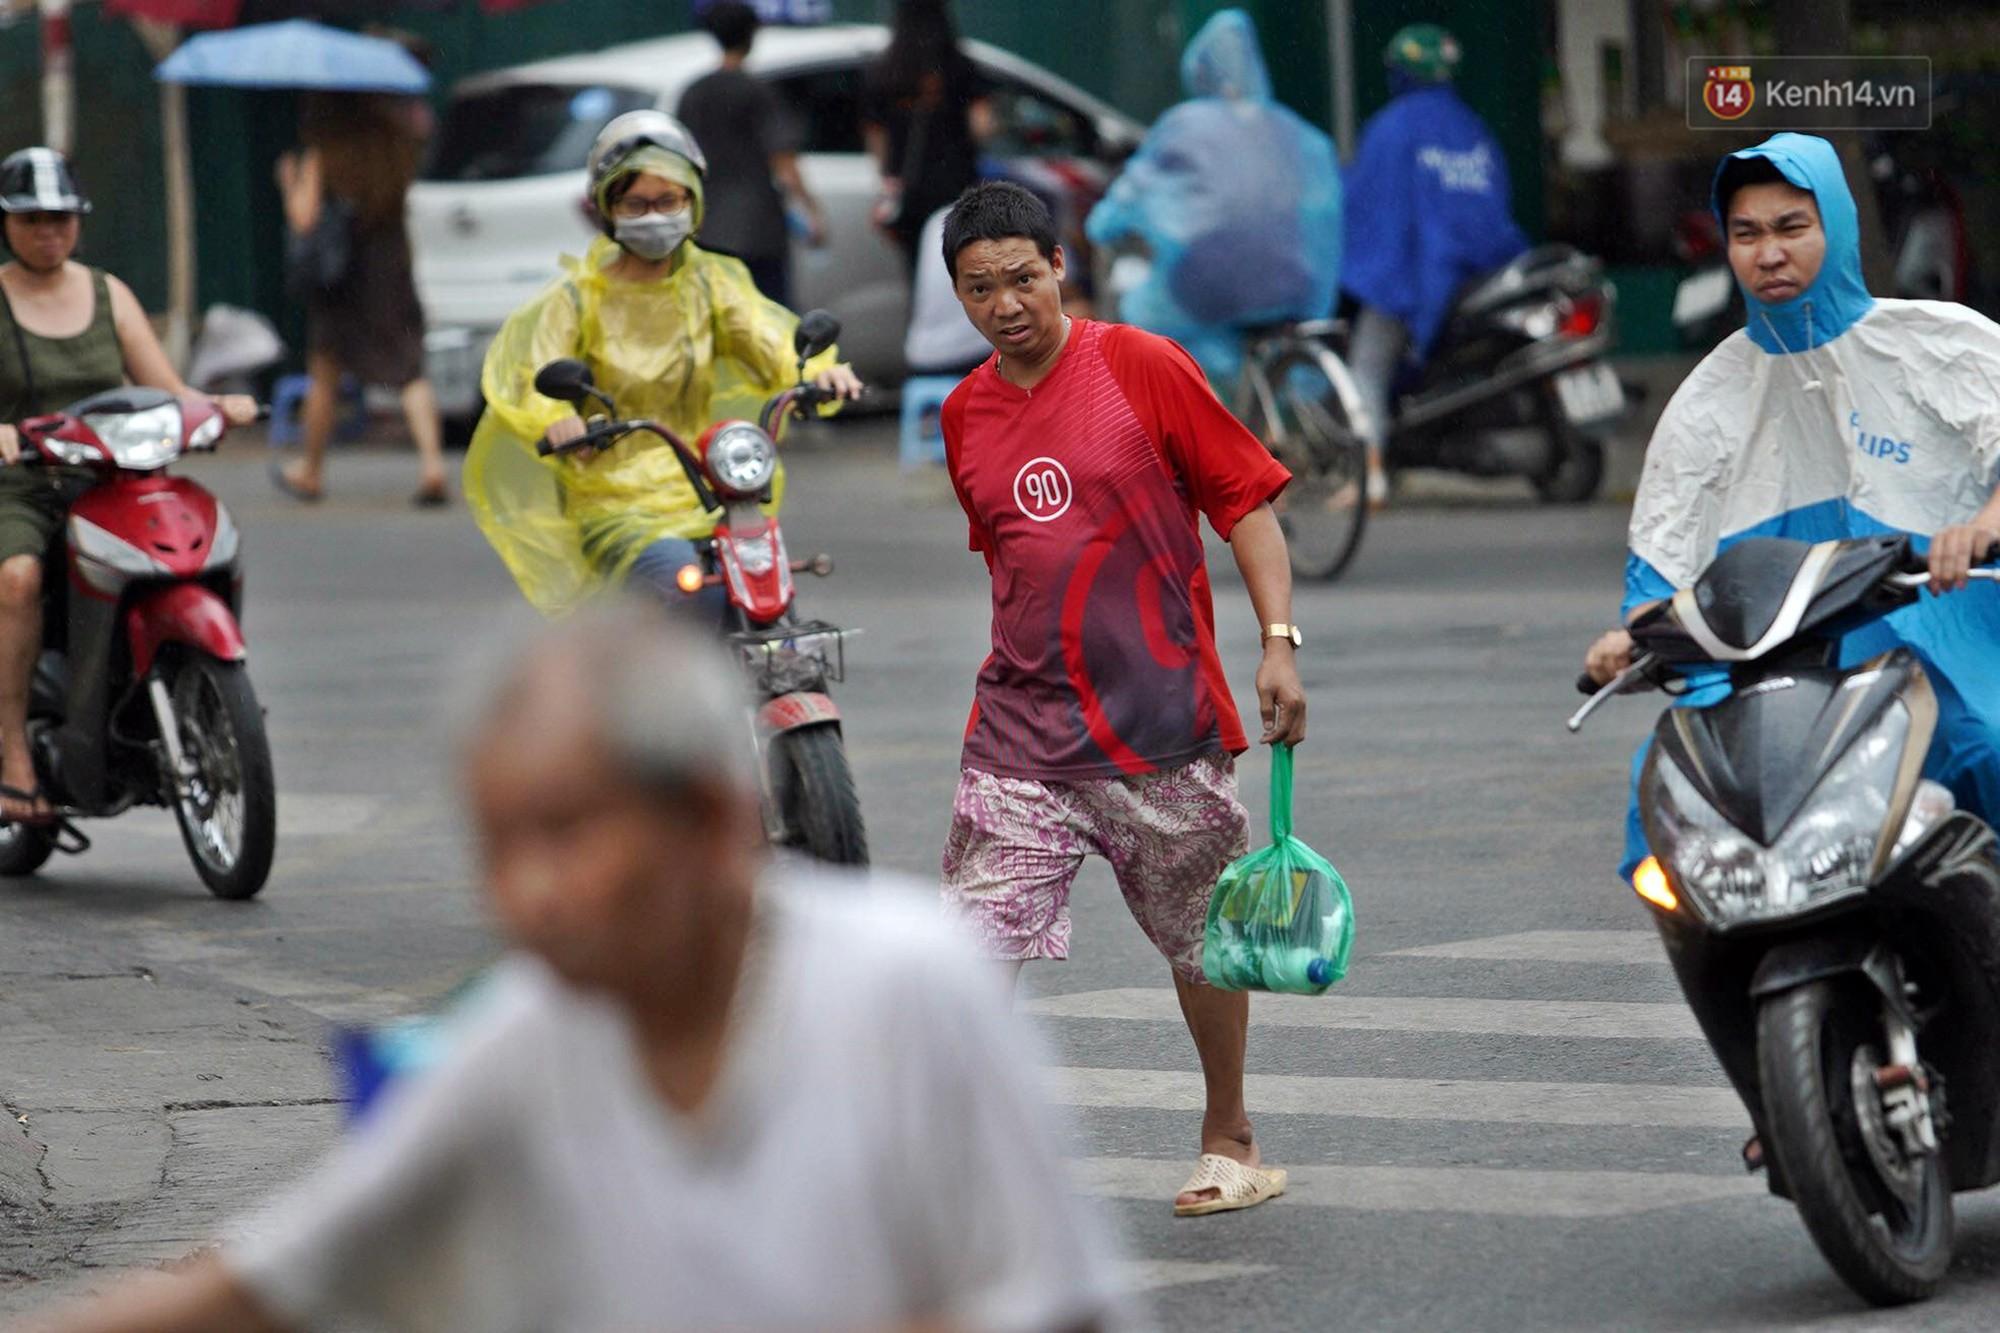 Hà Nội bắt đầu đổ mưa do ảnh hưởng của bão số 2, người dân chật vật lưu thông giờ tan tầm - Ảnh 7.